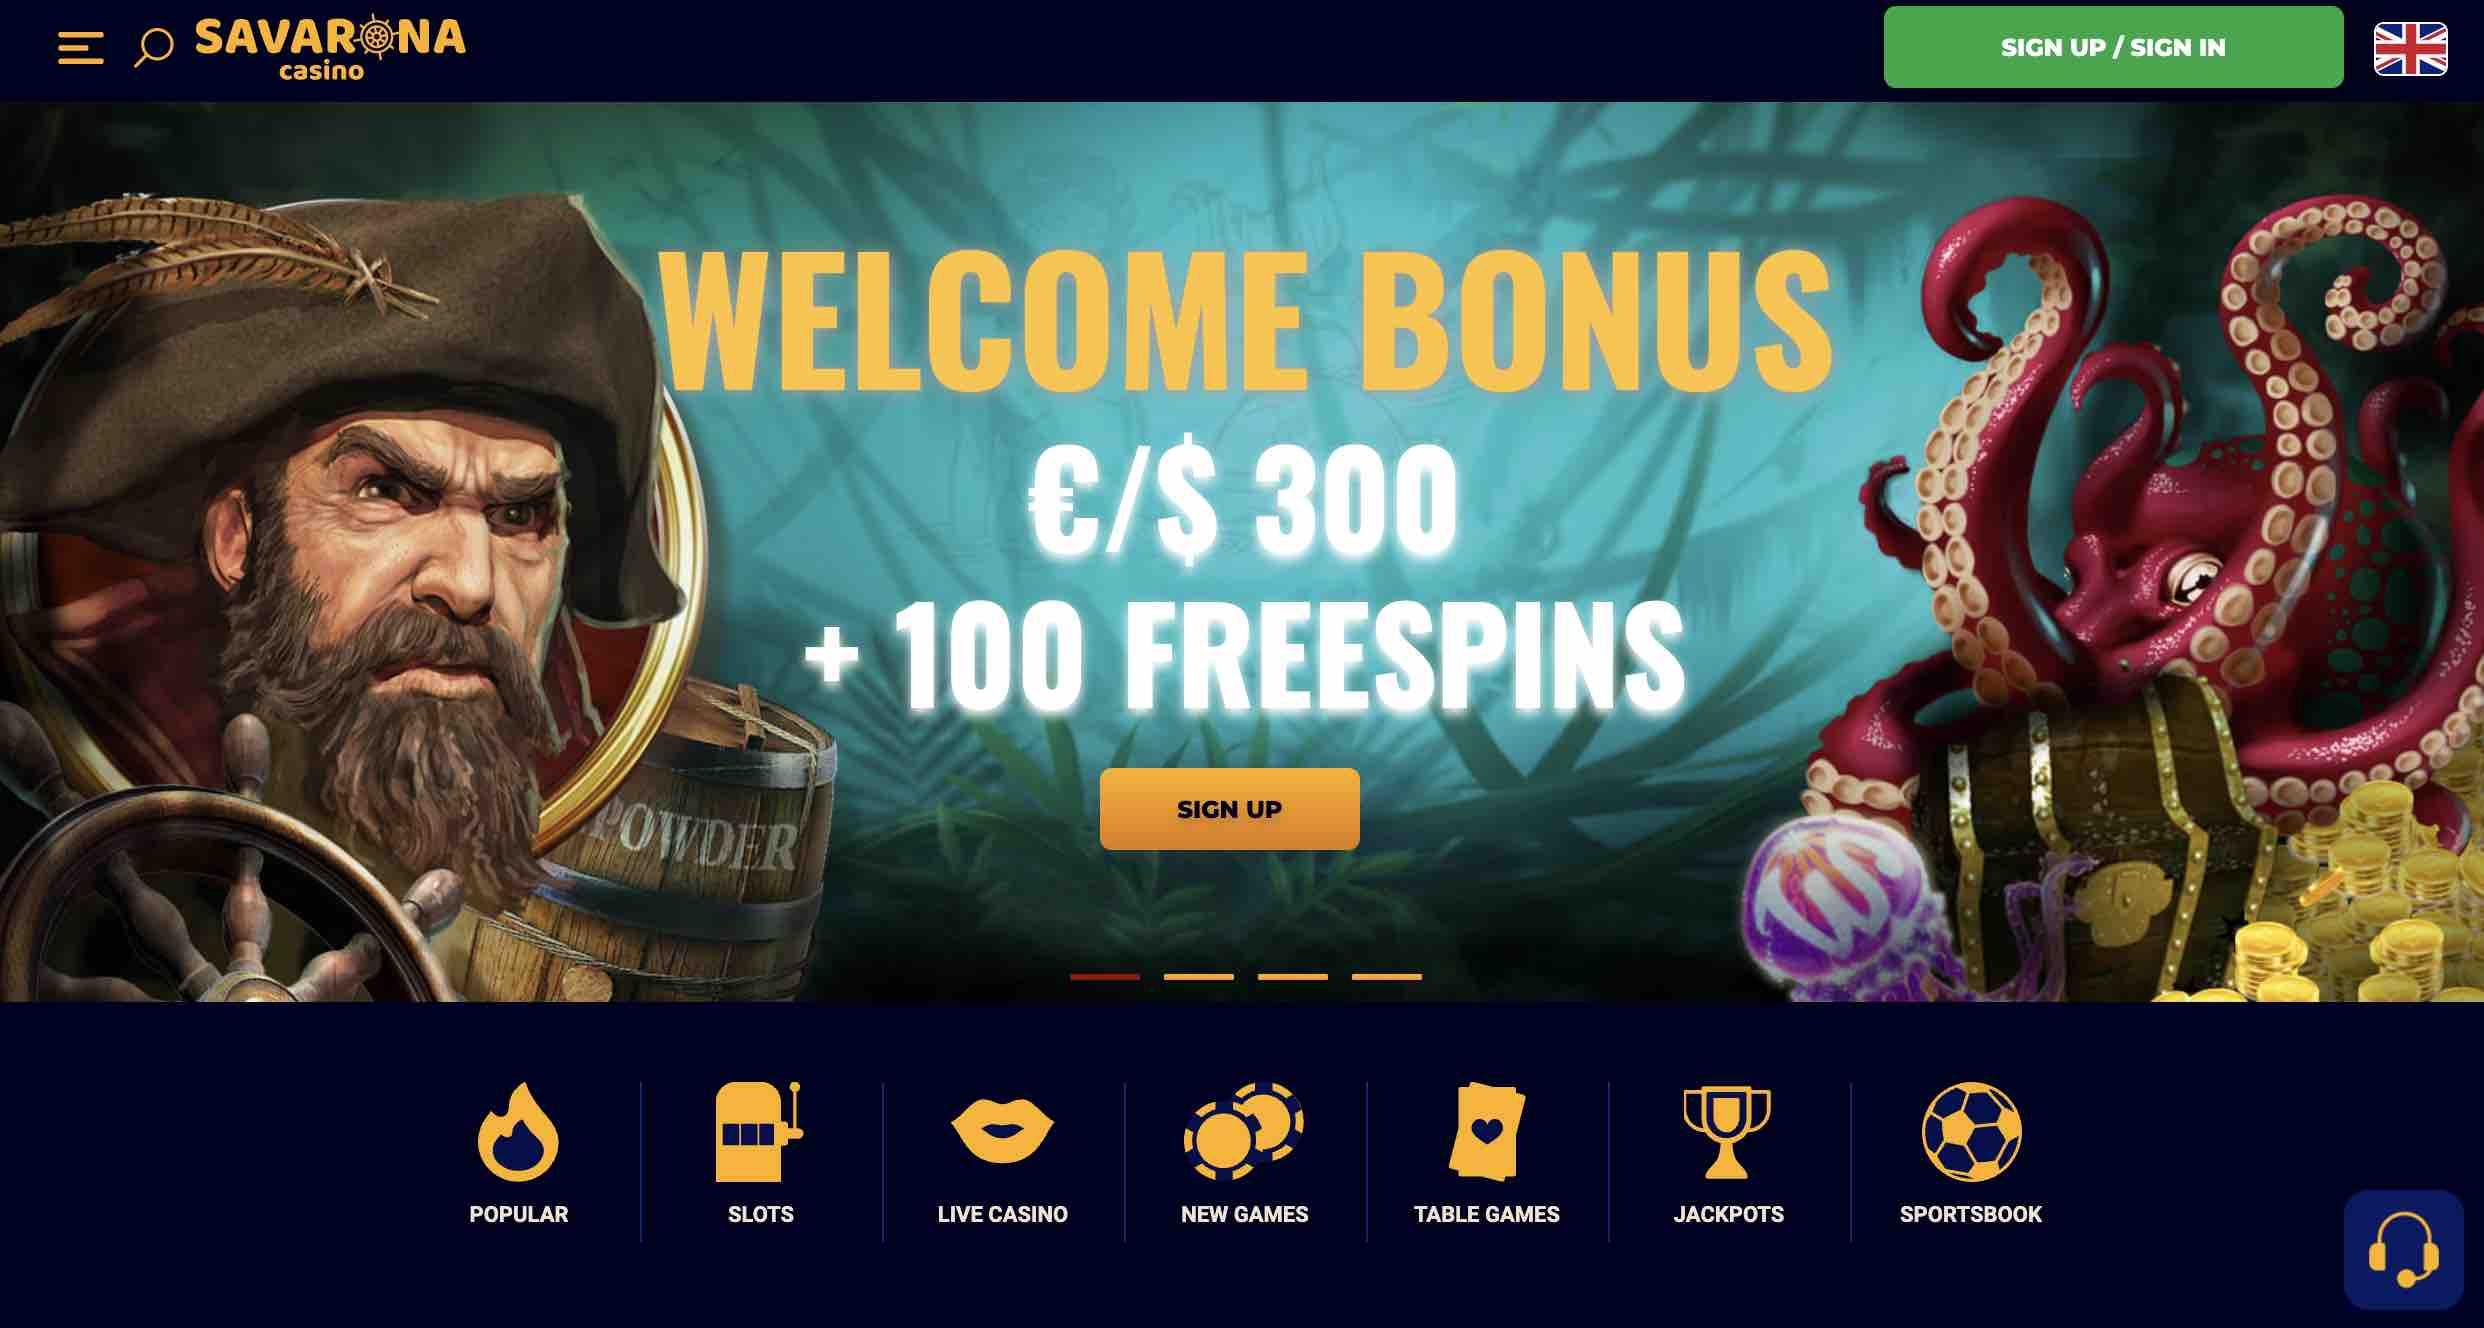 Welcome Bonus at Savarona Casino